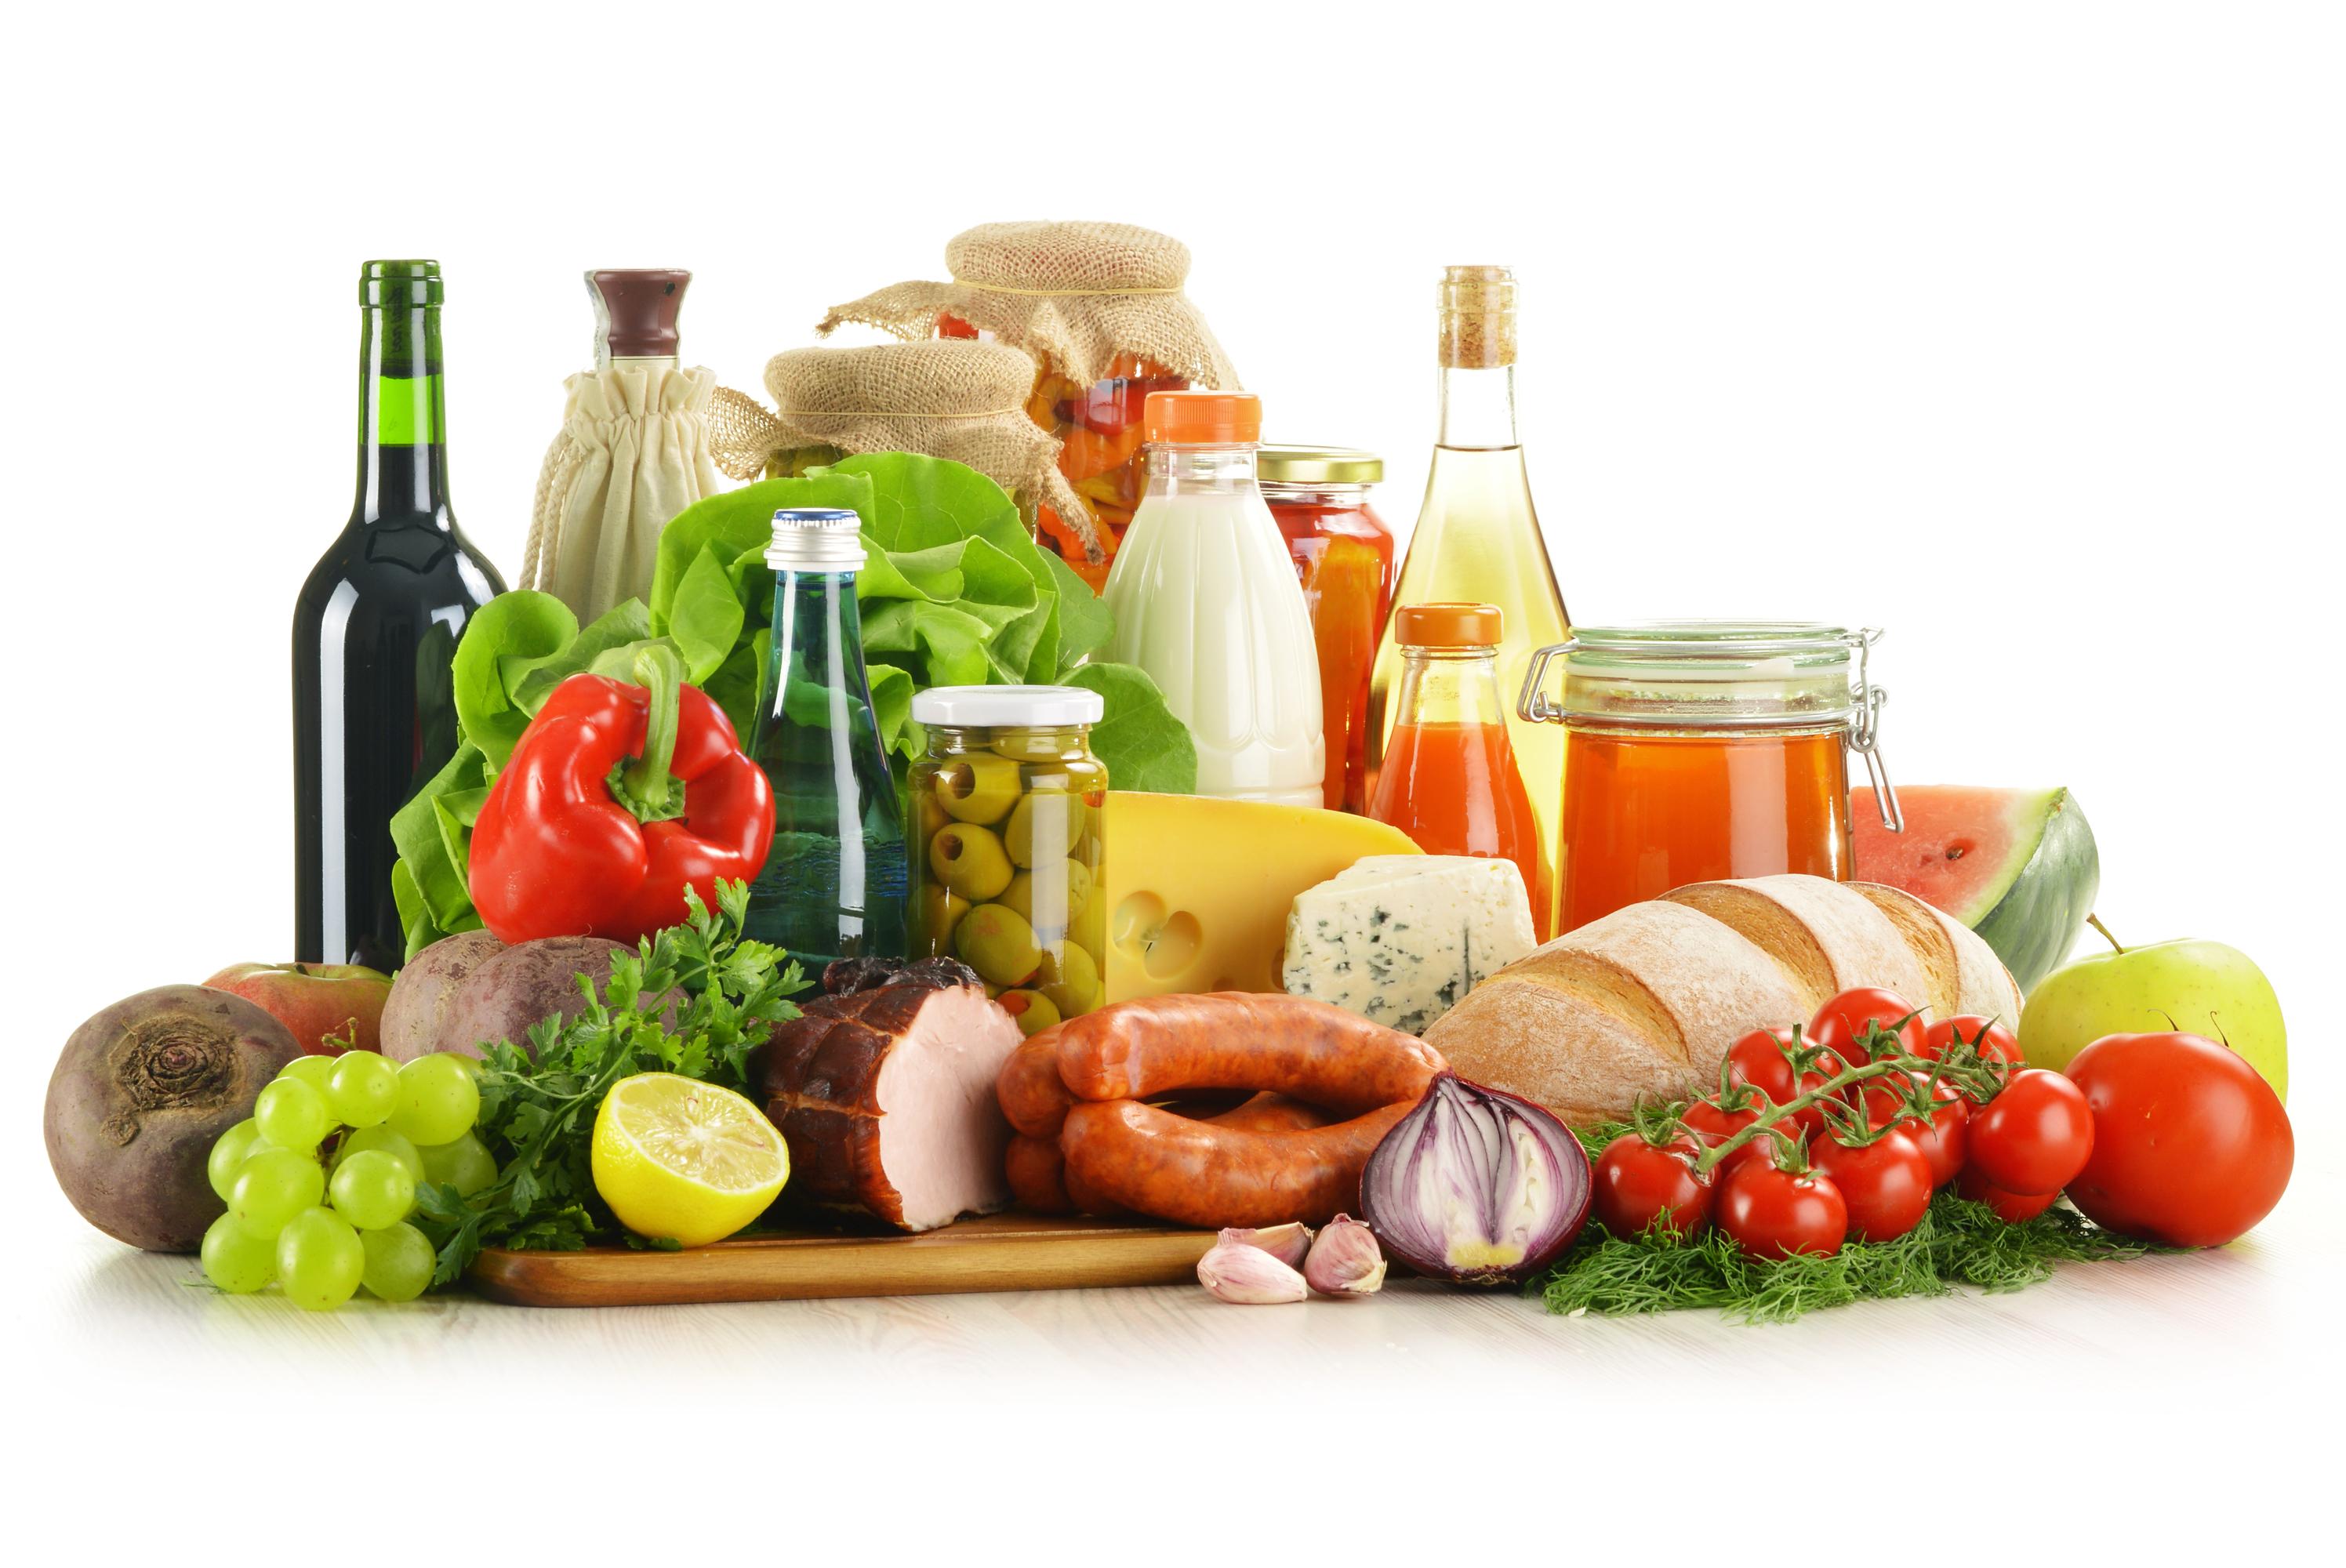 abbinamenti alimentari per dimagrire